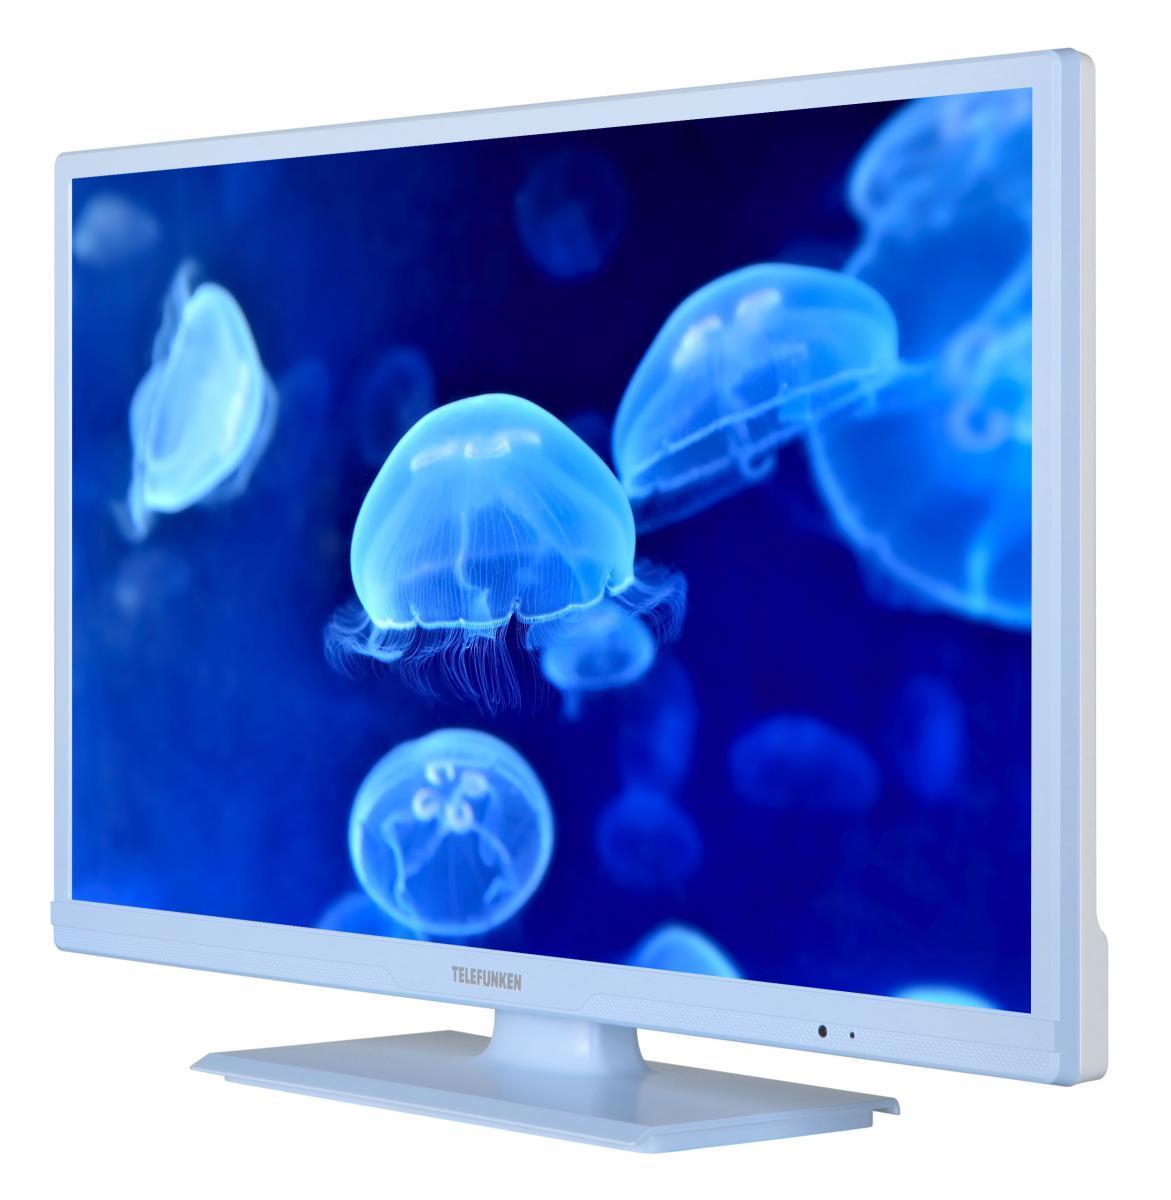 """Bild 3 von Telefunken LED TV 24"""" (61 cm)"""